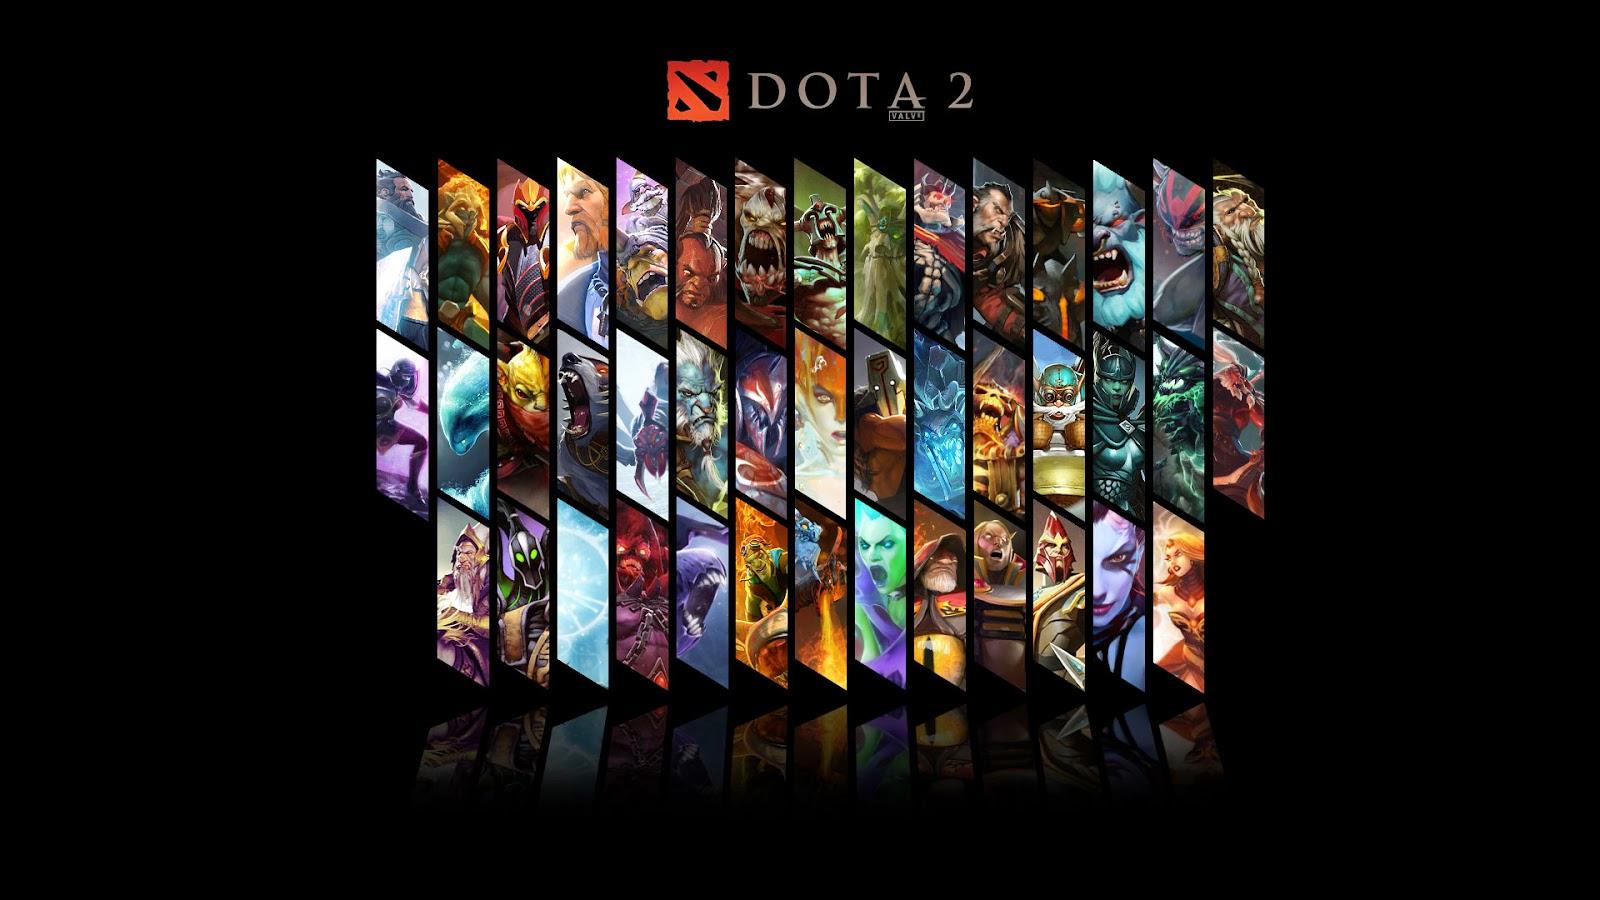 Download Hình nền máy tính Game Dota 2 free